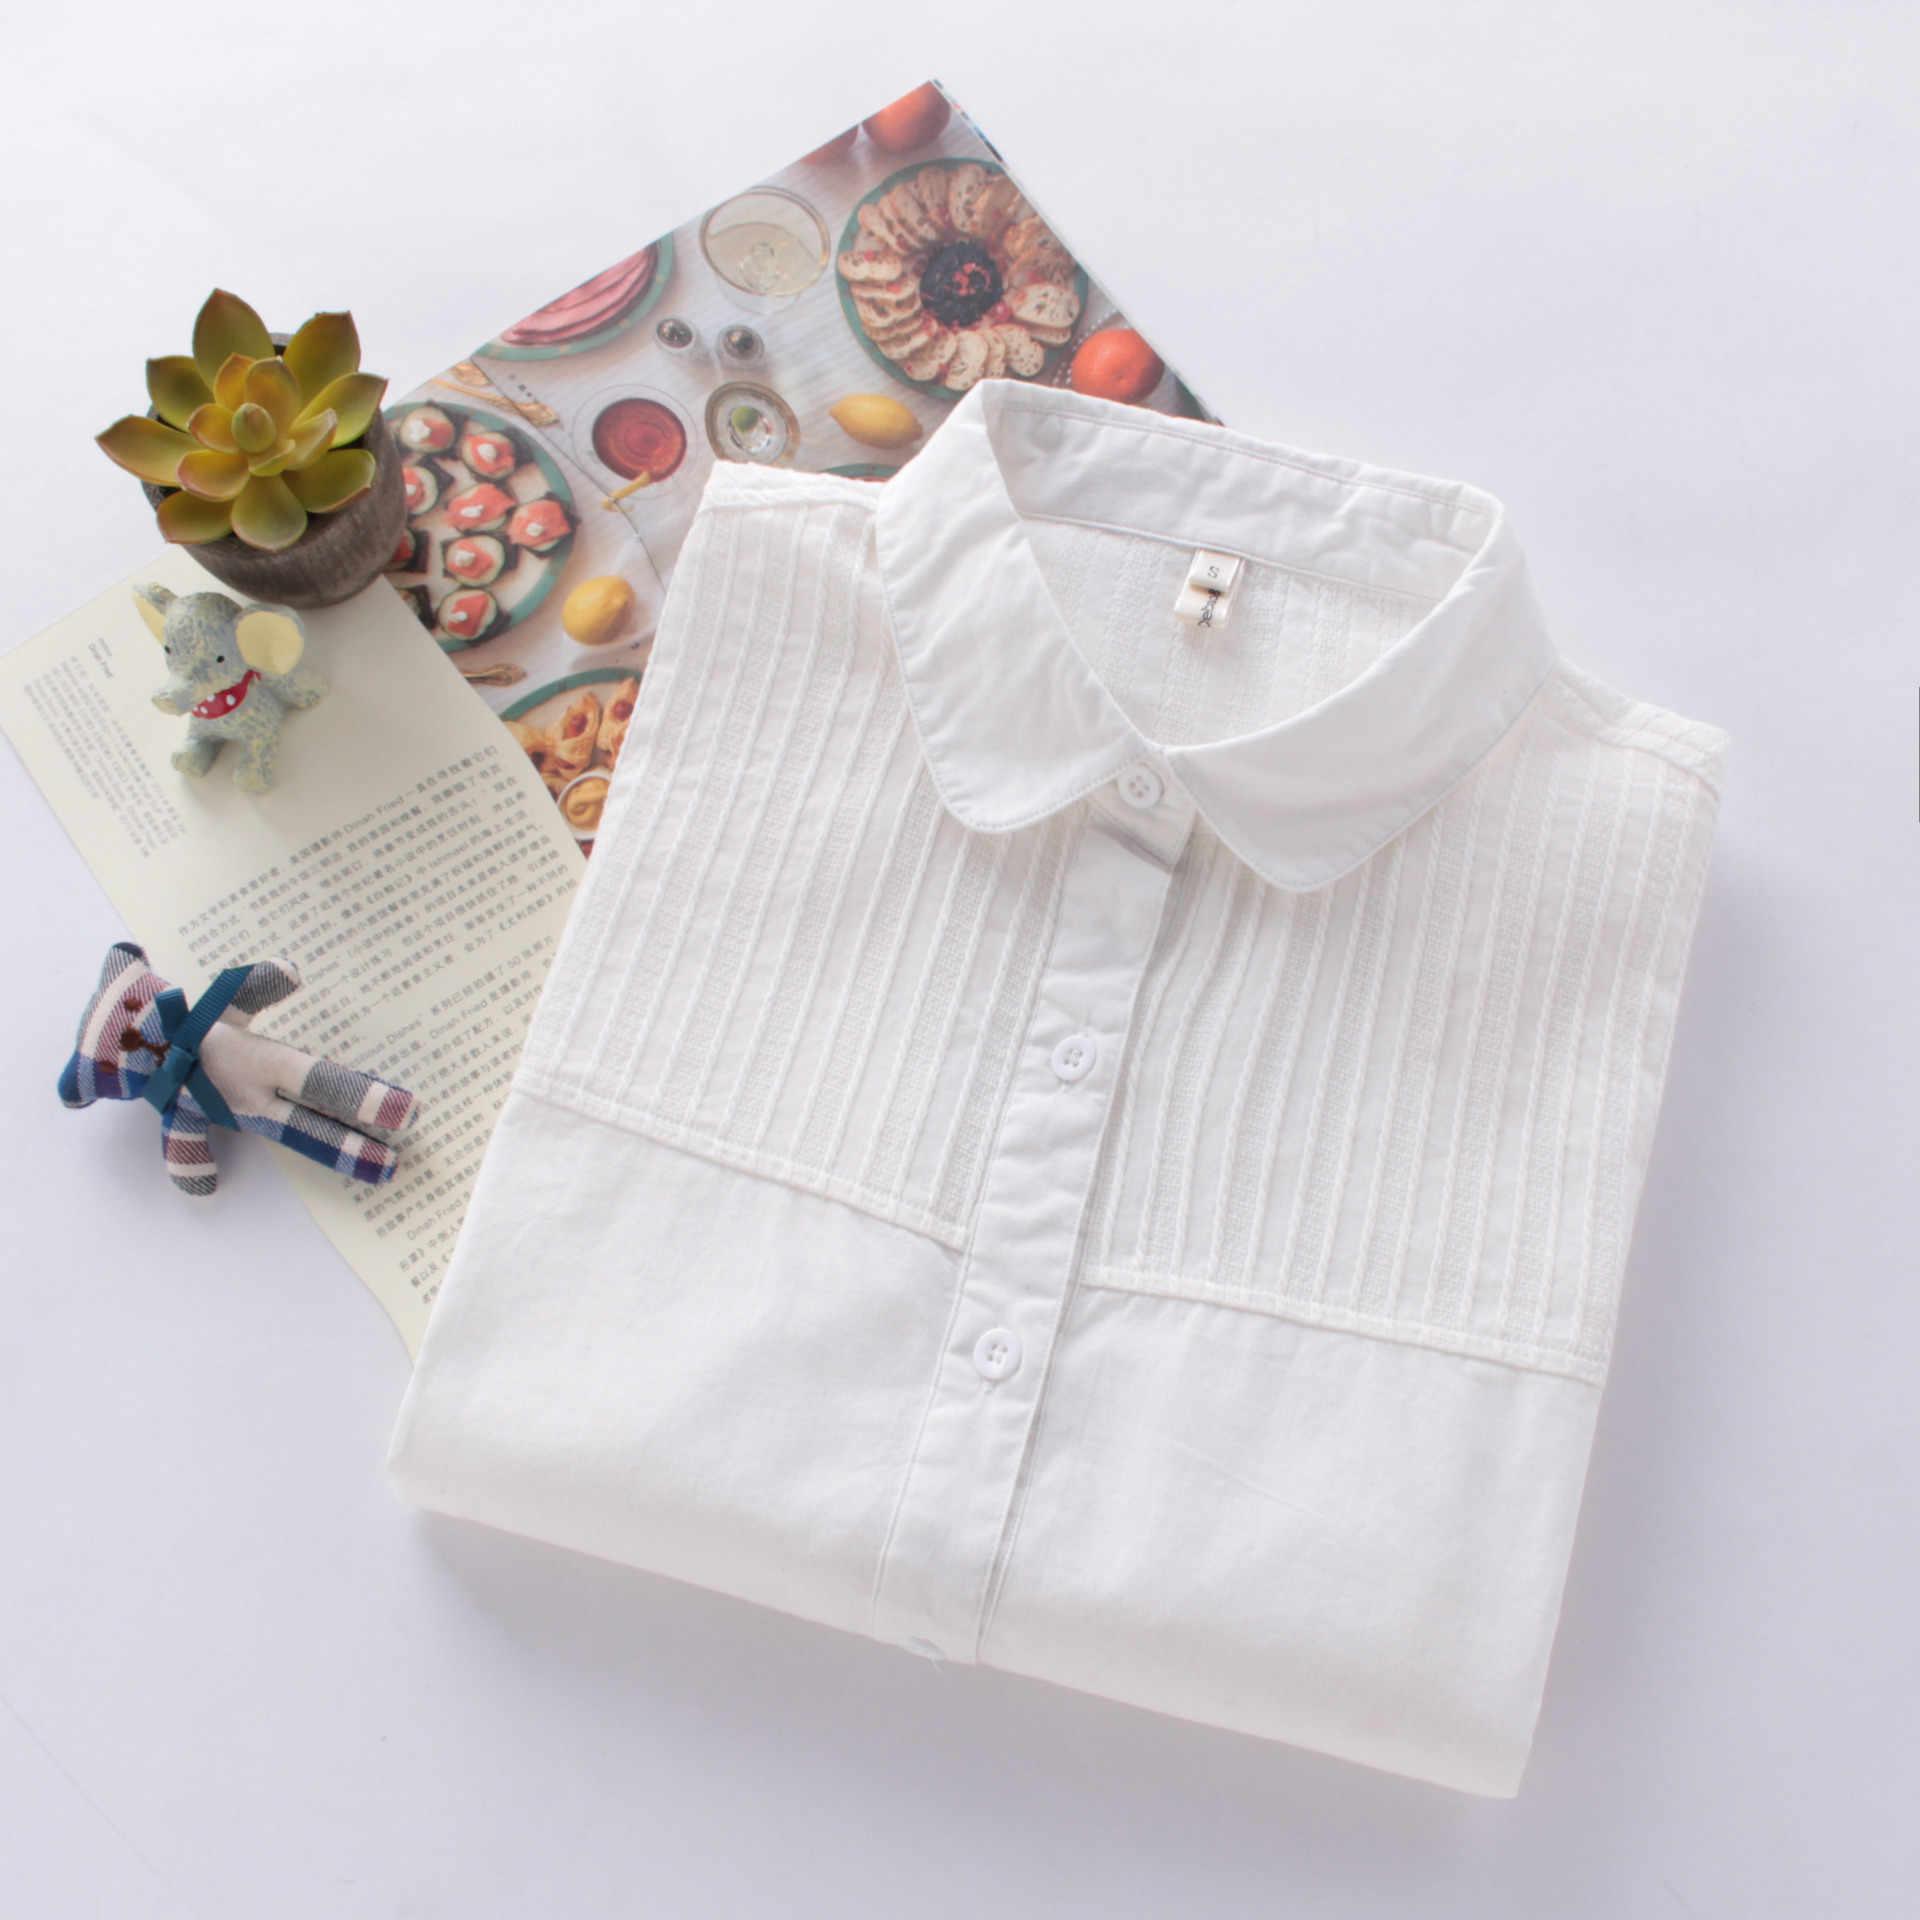 Белые блузки с длинным рукавом Для женщин 2018 новые весенние Повседневное рубашки искусства простой Стиль сращены блузка Для женщин 100% хлопок леди топы Blusas